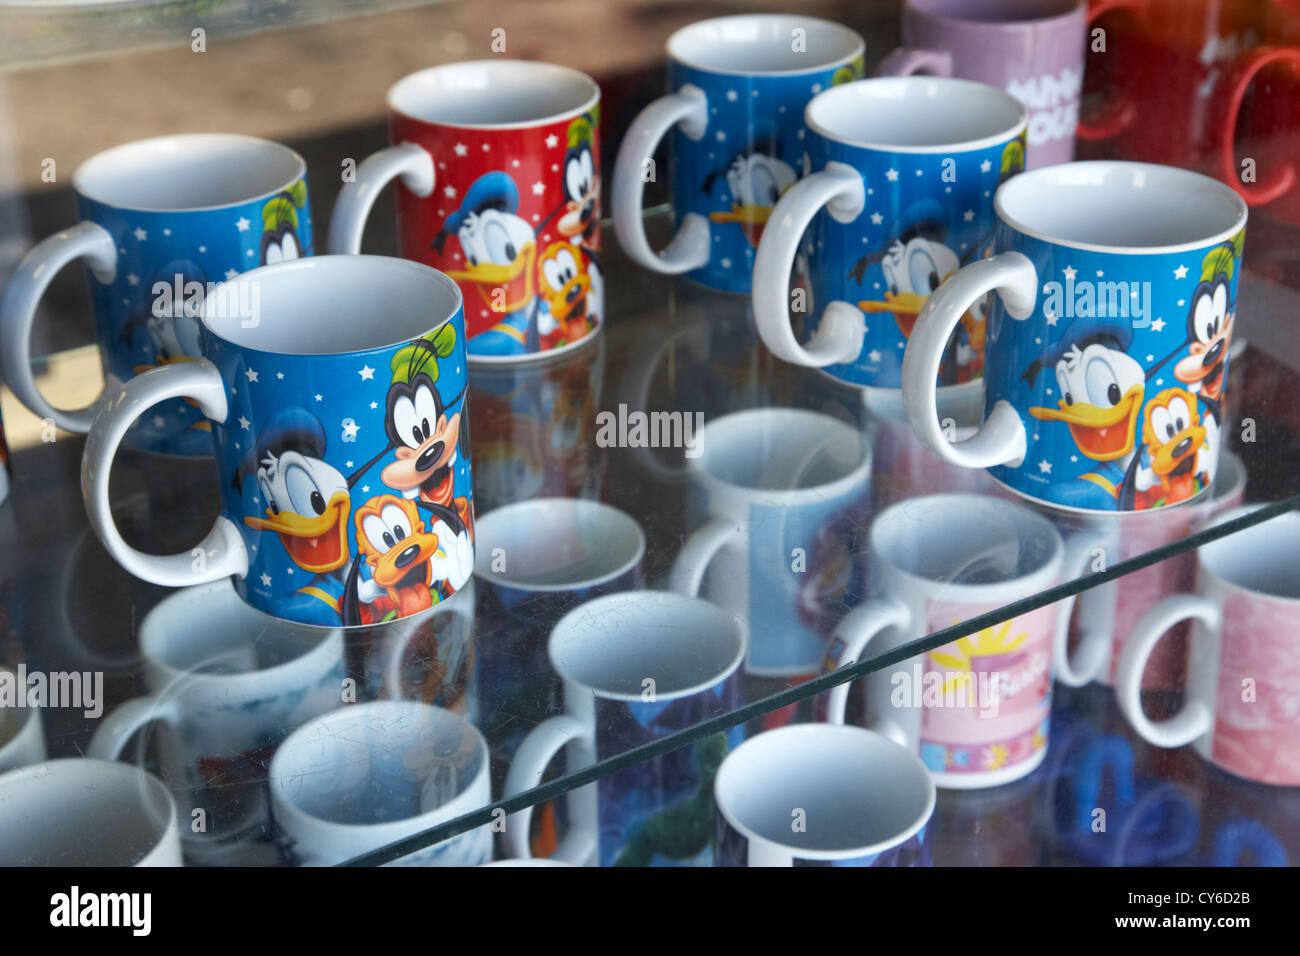 Personnage de disney mugs en vente dans une boutique de souvenirs, florida usa Photo Stock